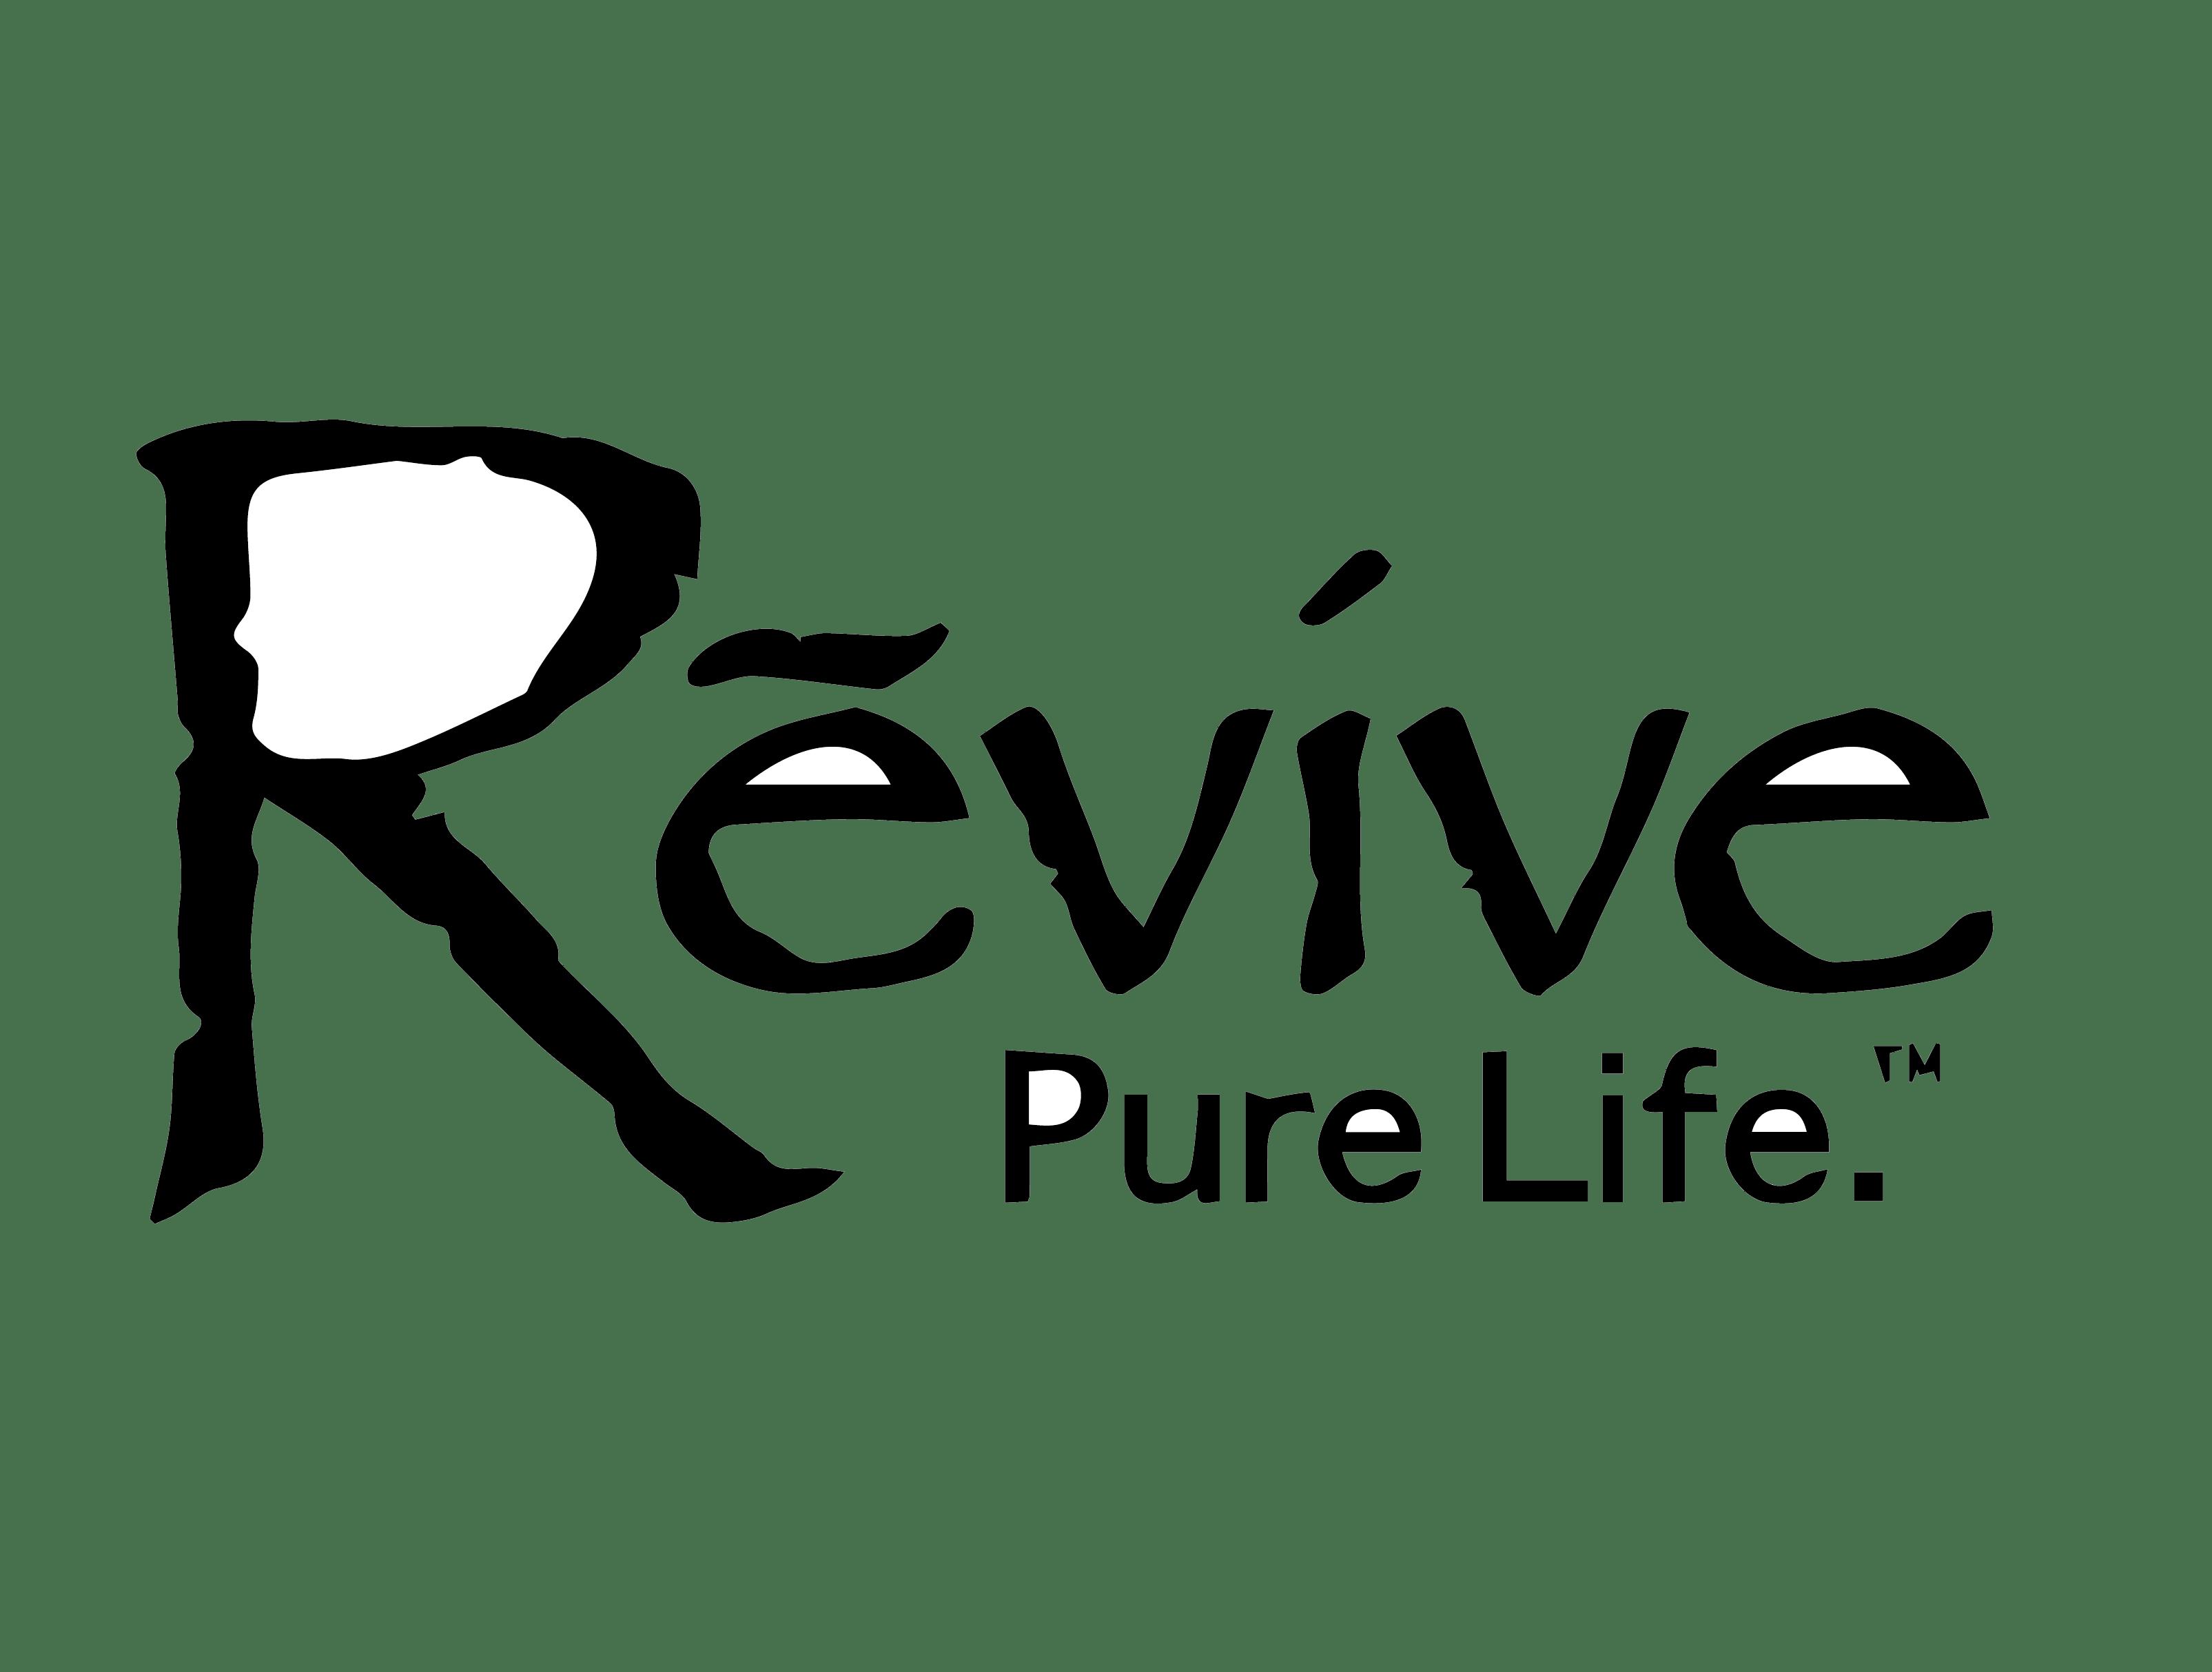 revive-logo-black